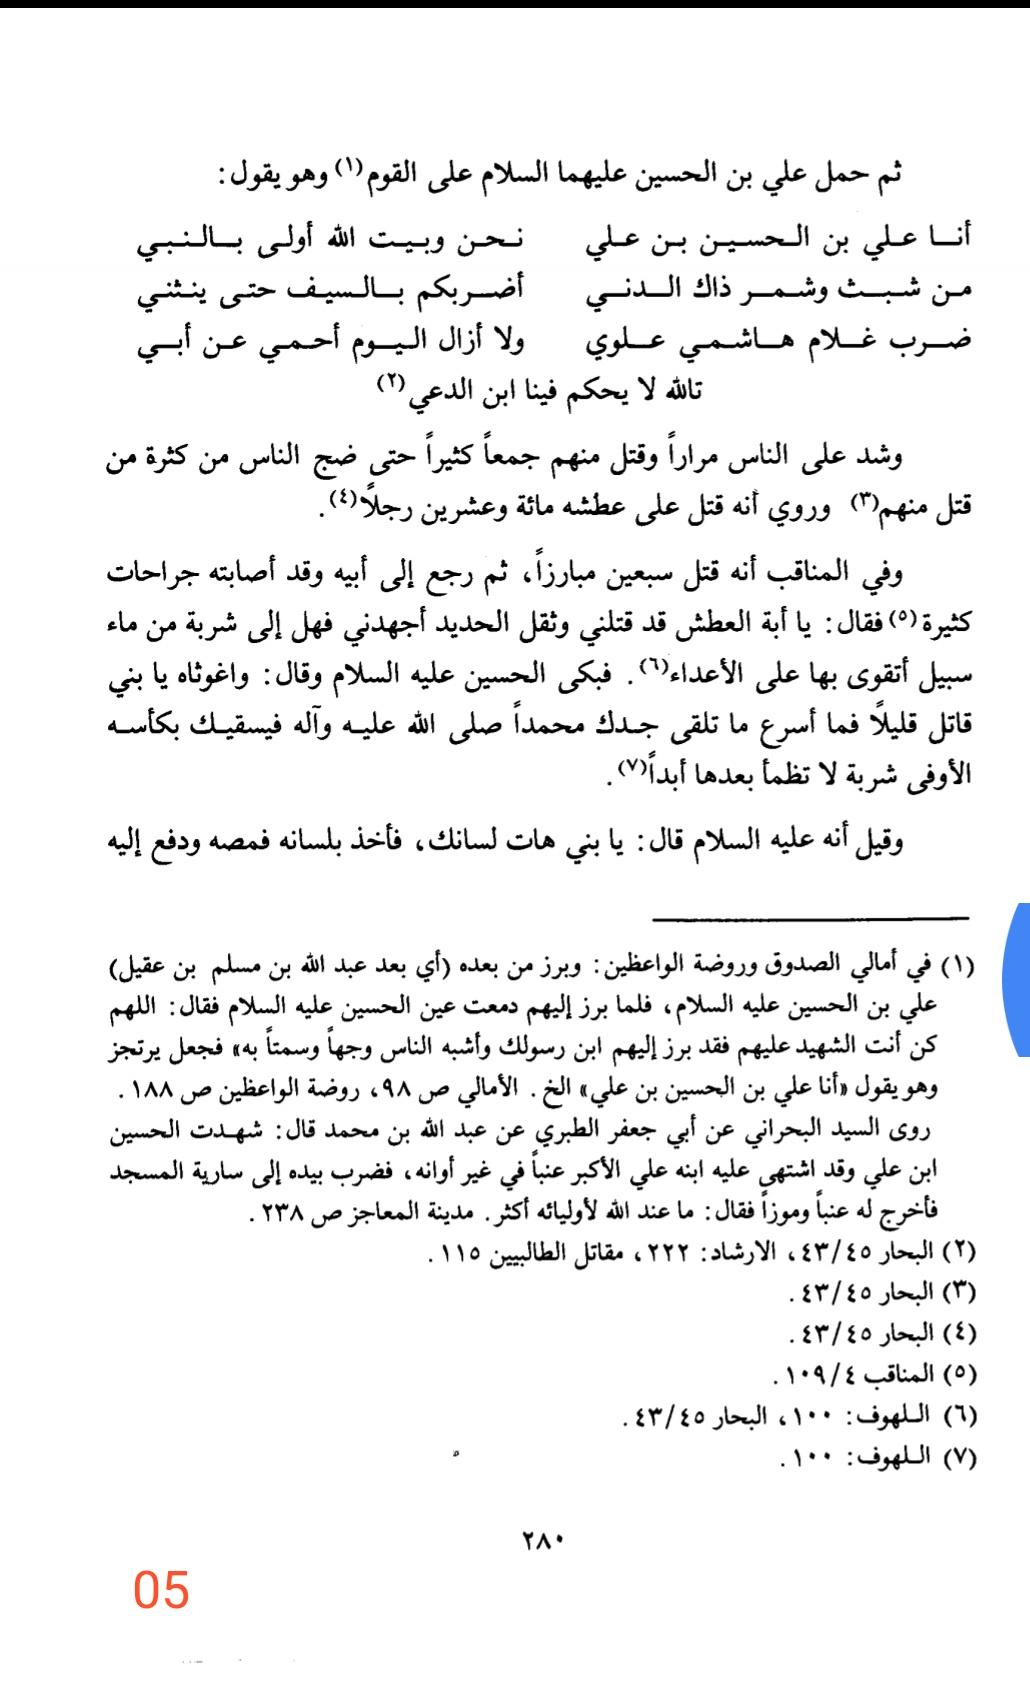 Screenshot_٢٠١٩-٠٩-١٢-٠٢-١٩-٠٠-٤٠٠_com.google.android.apps.docs